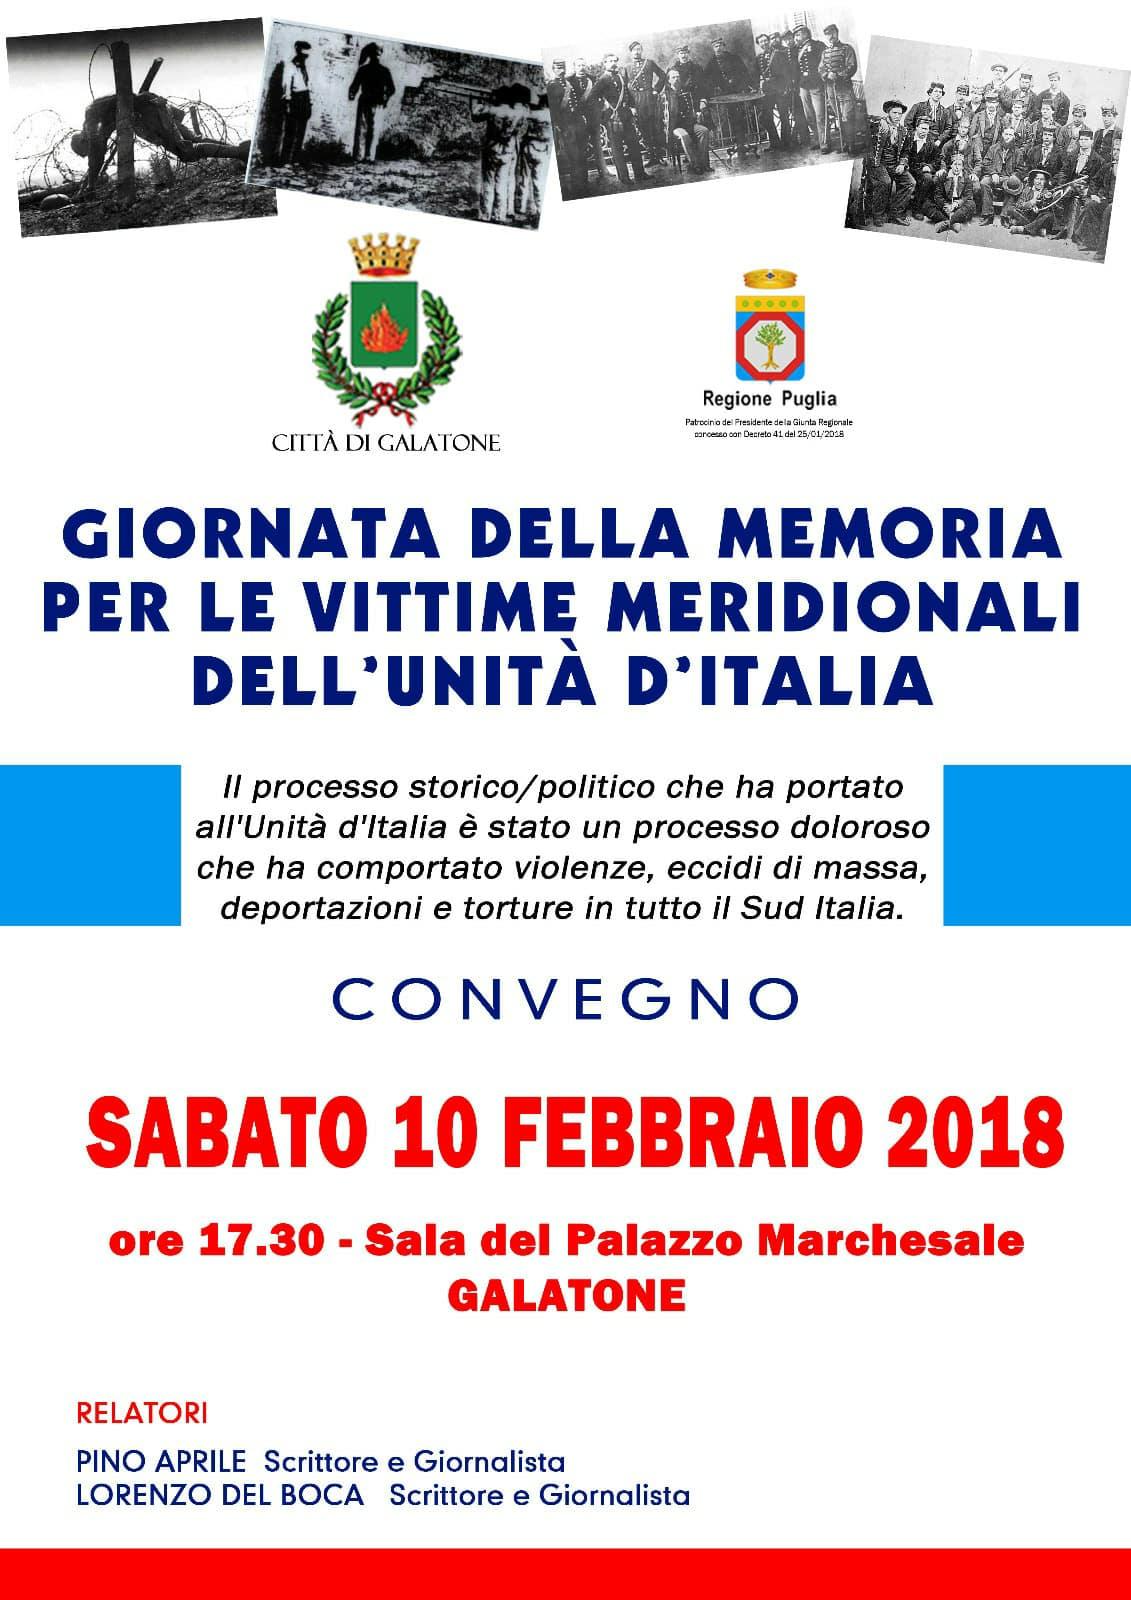 Prima Giornata della Memoria per le vittime meridionali dell'Unità d'Italia. A Galatone